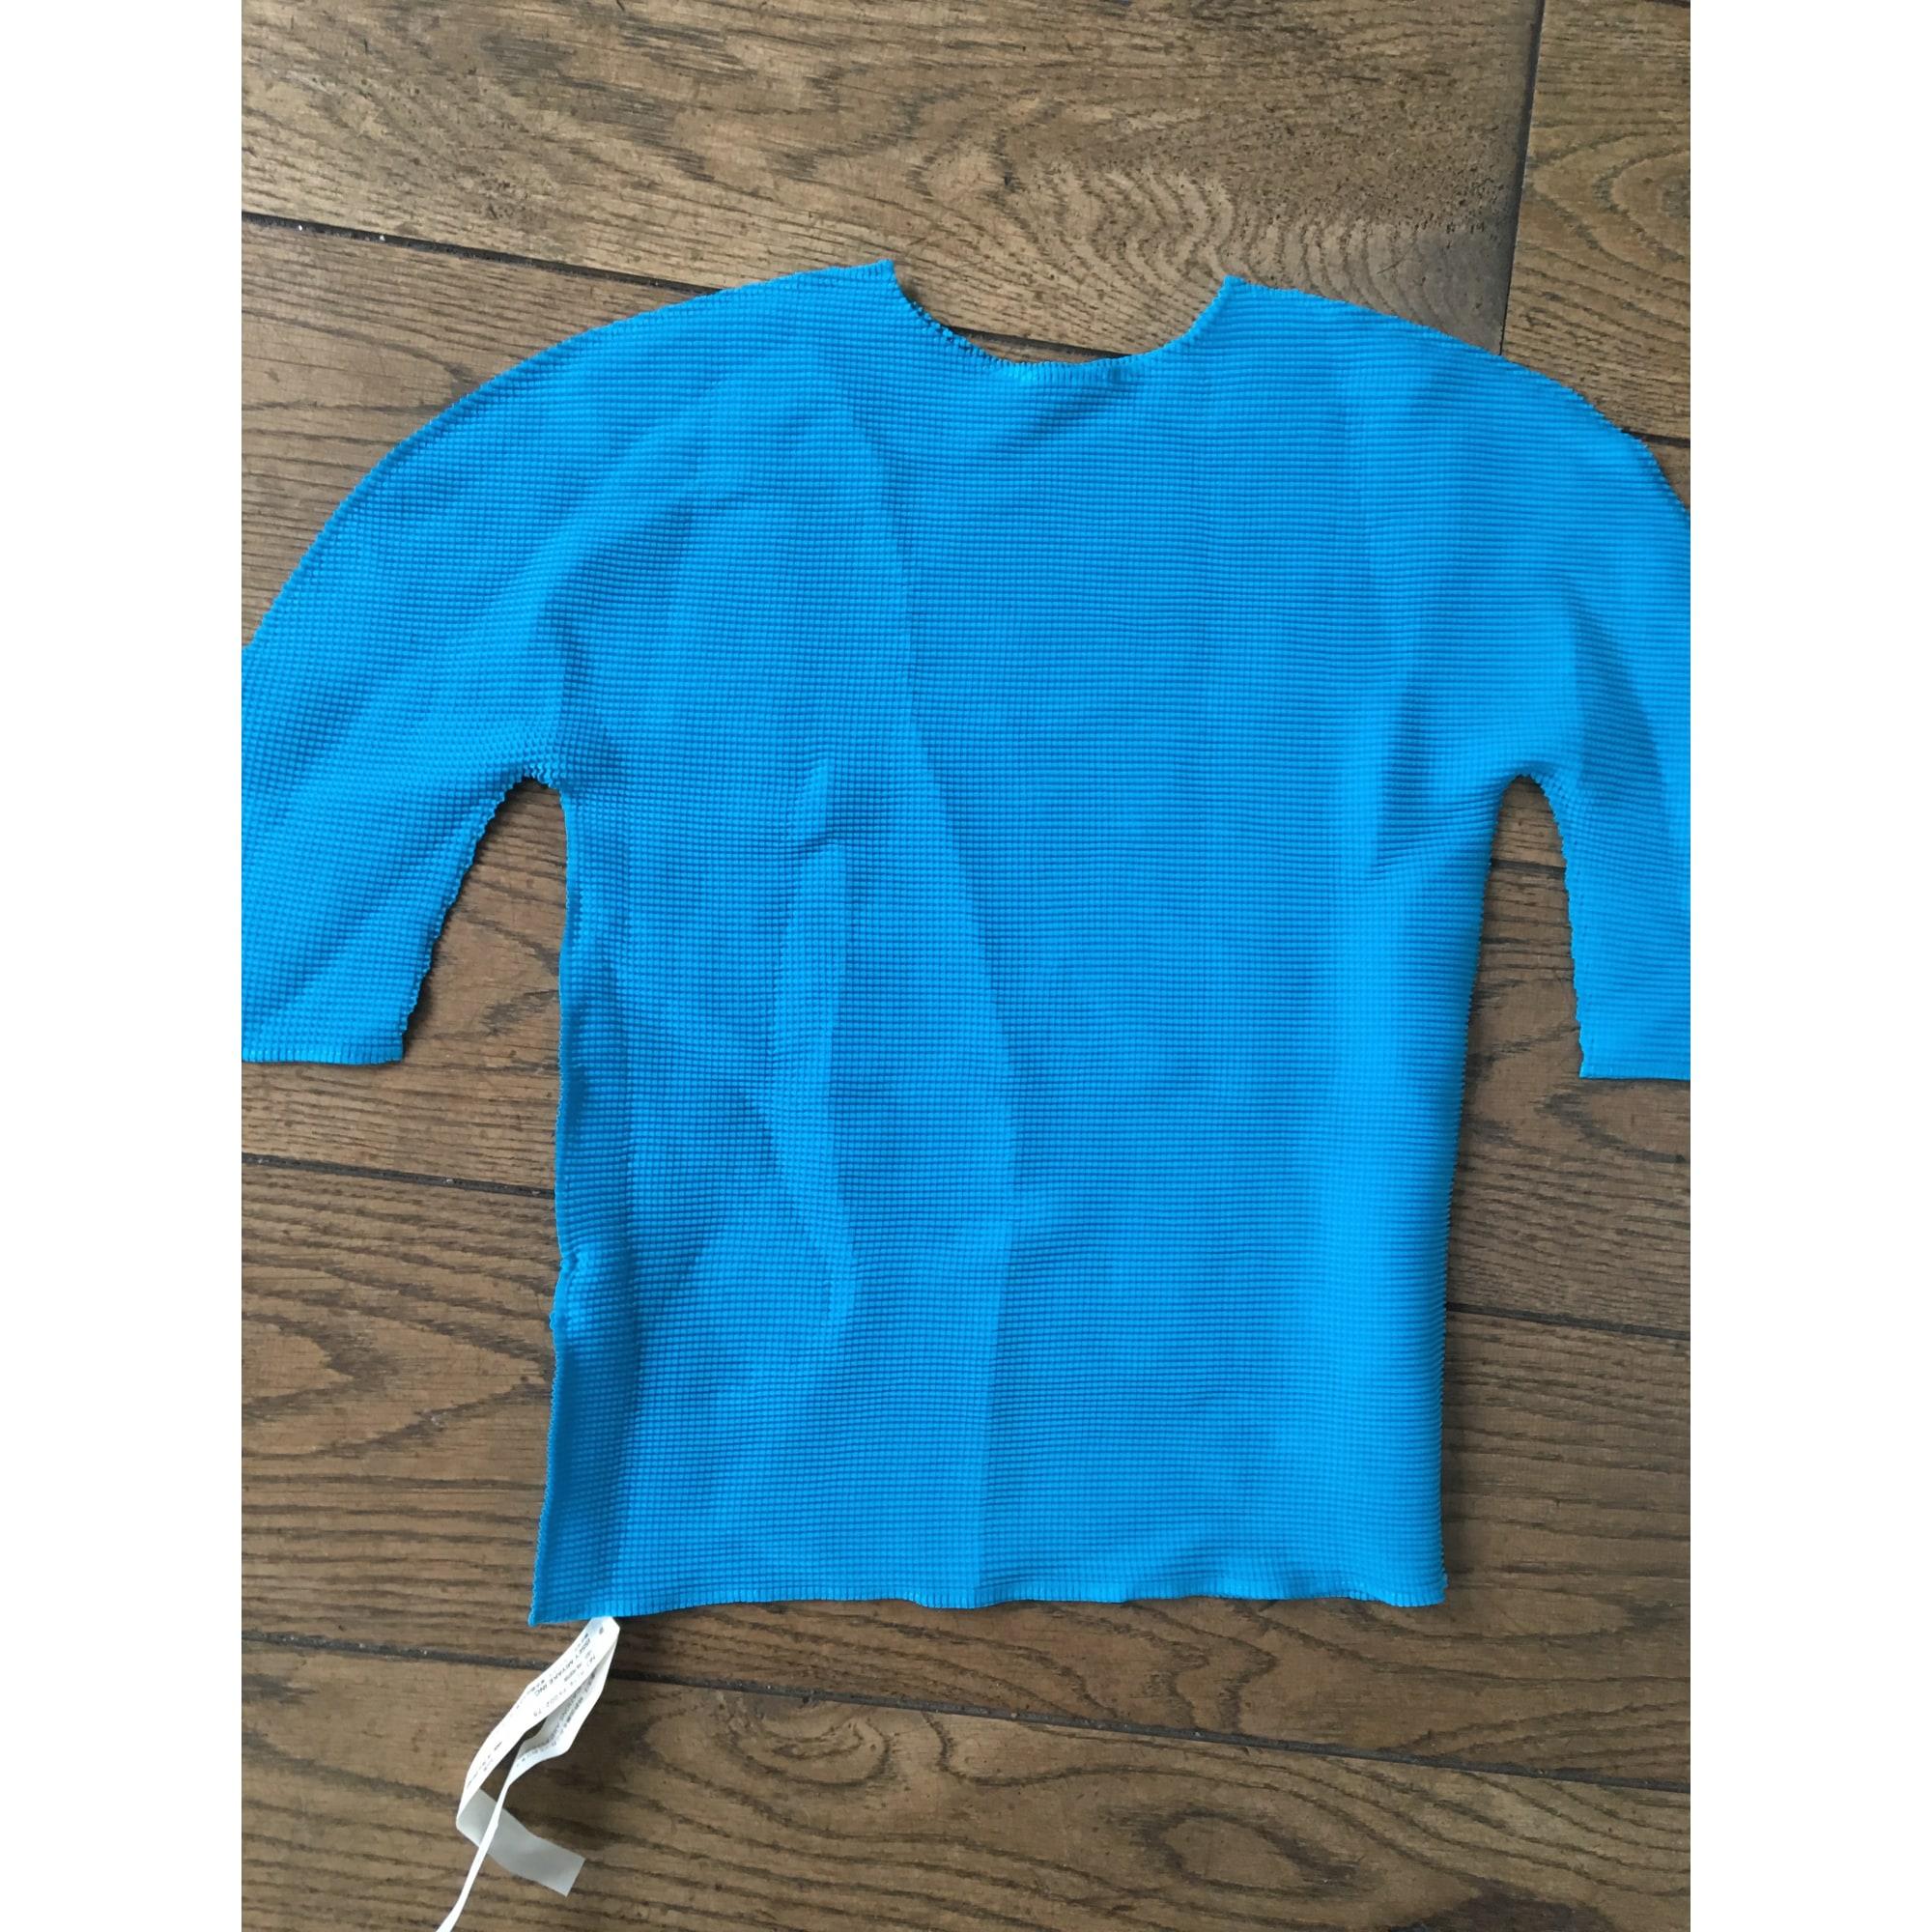 Top, tee-shirt ISSEY MIYAKE Bleu, bleu marine, bleu turquoise